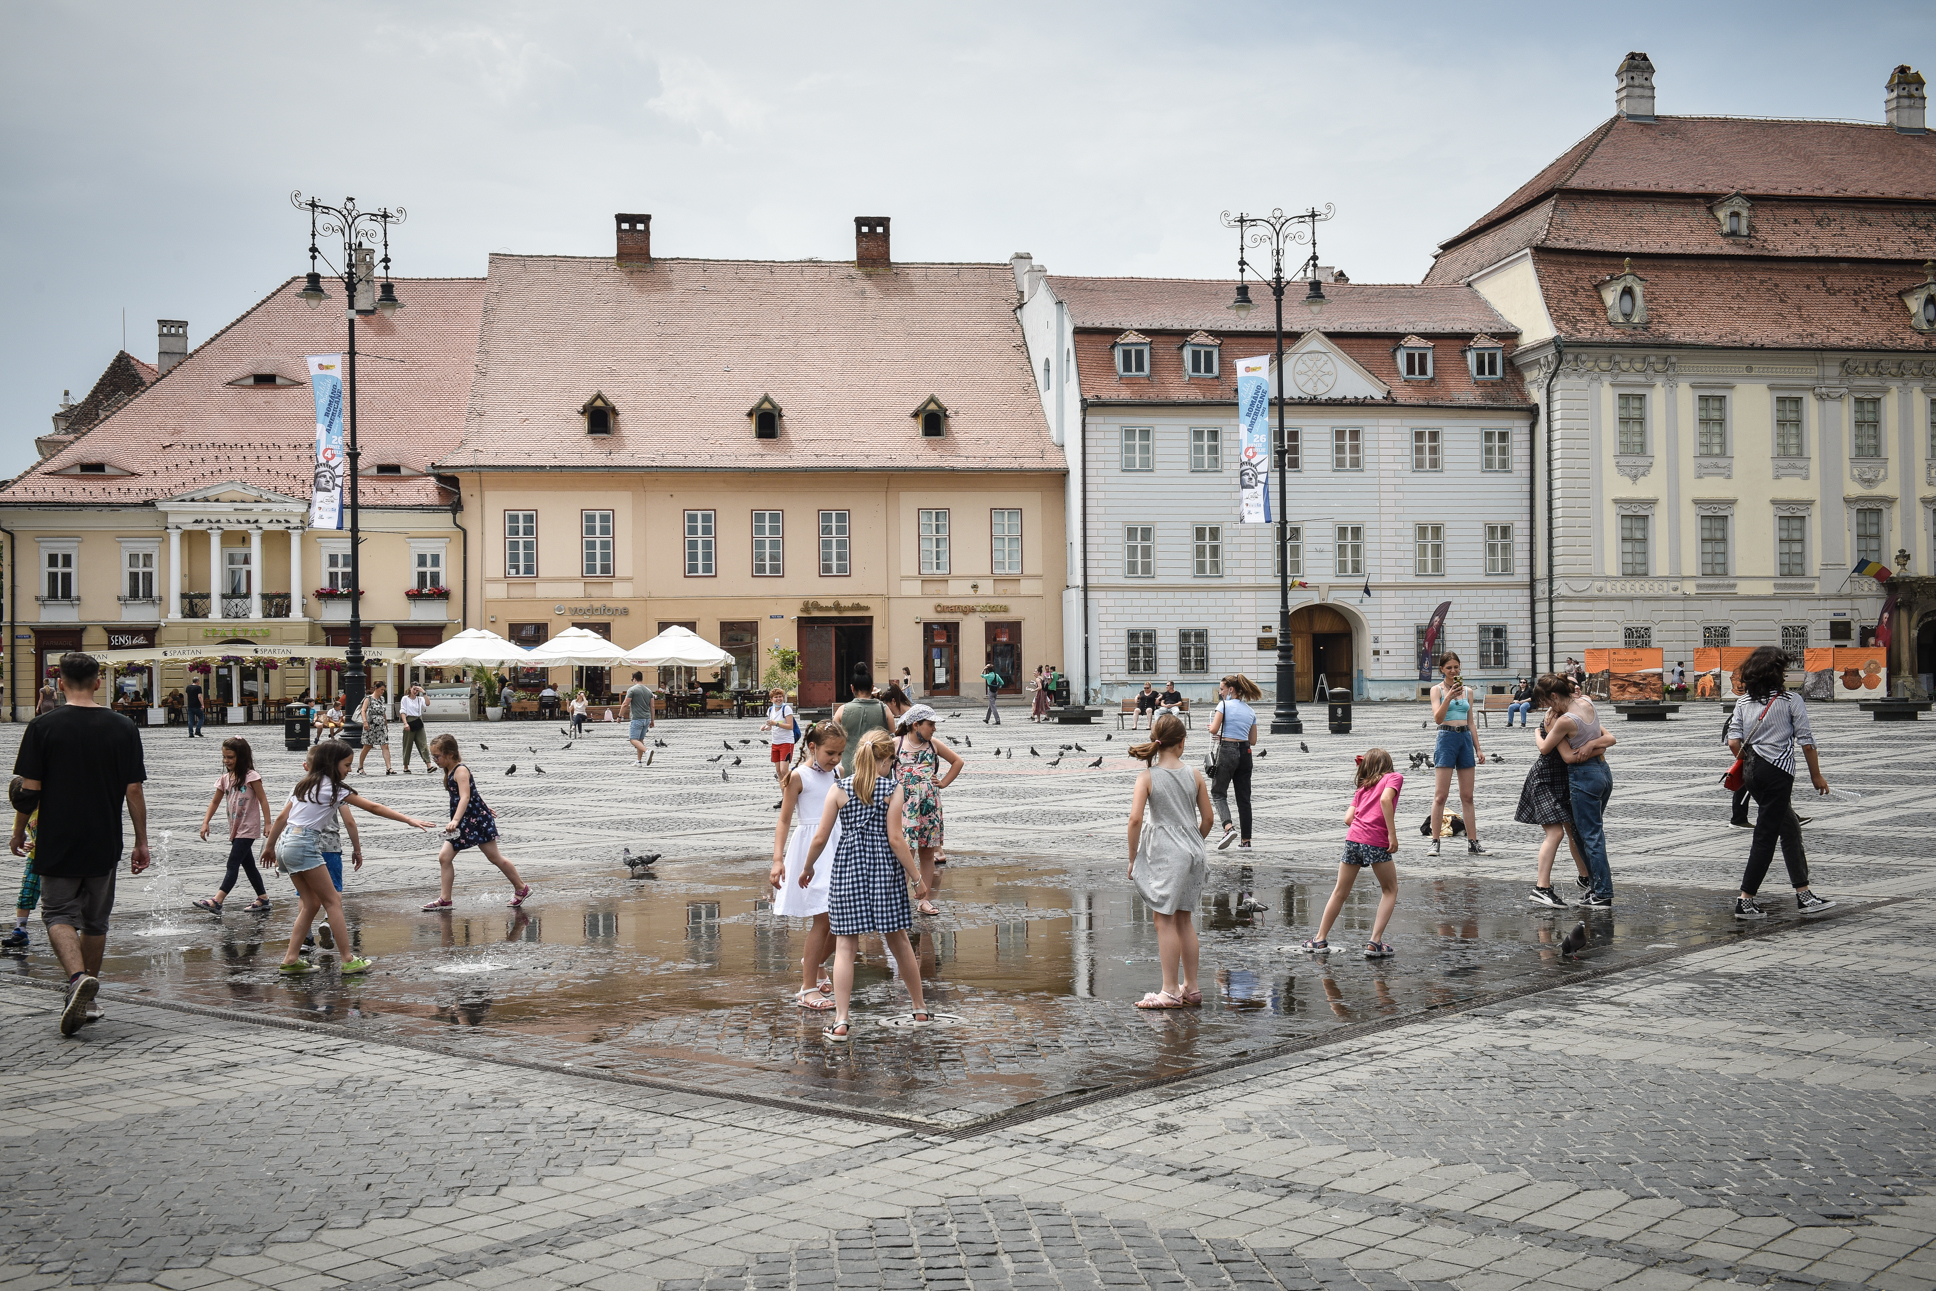 Incidența în municipiul Sibiu crește. Alte două localități din județ au incidența peste 0